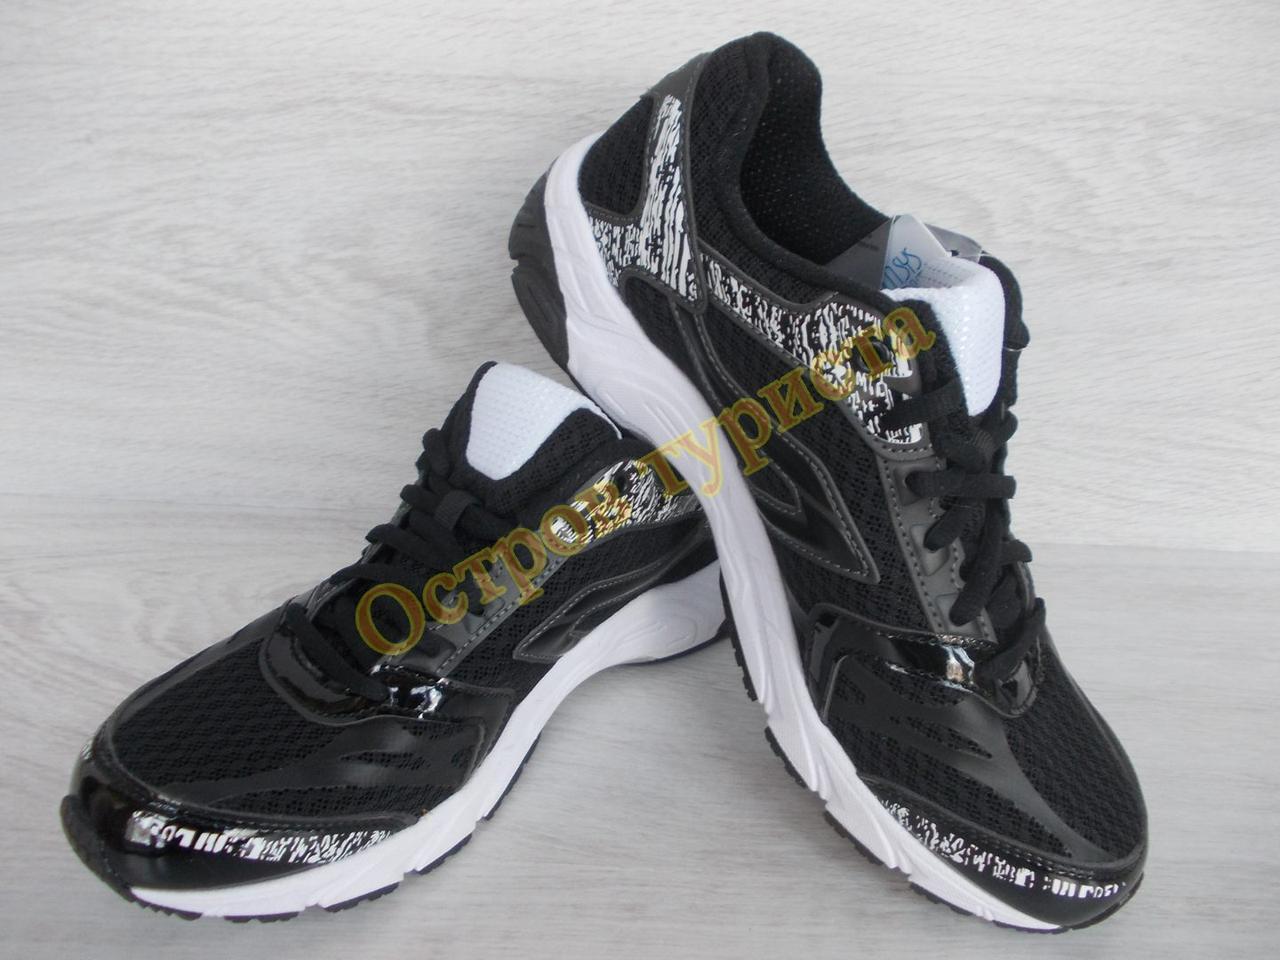 Кросівки Crivit 293608 розмір 38 устілка 25 см чорні з вставками